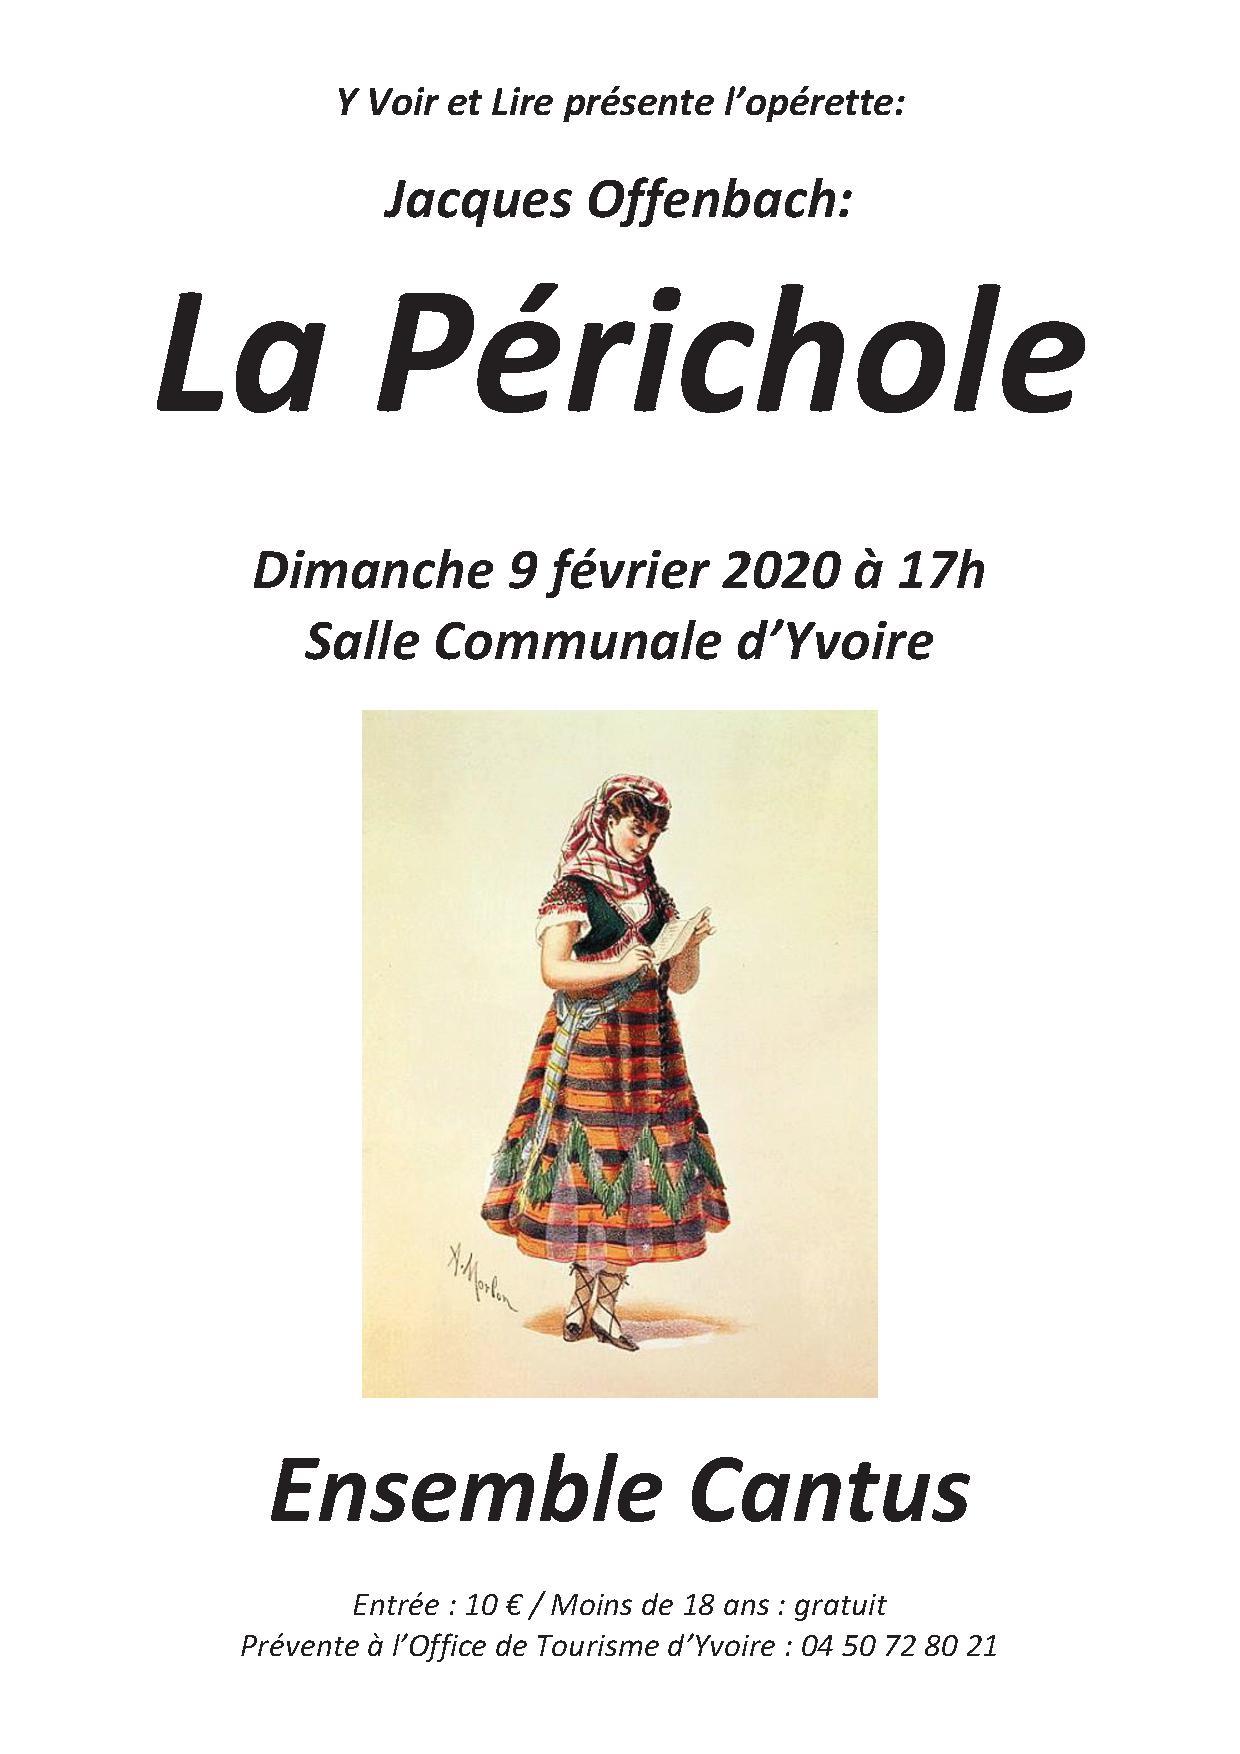 LA PERICHOLE par l'Ensemble Cantus à Yvoire le 9 février